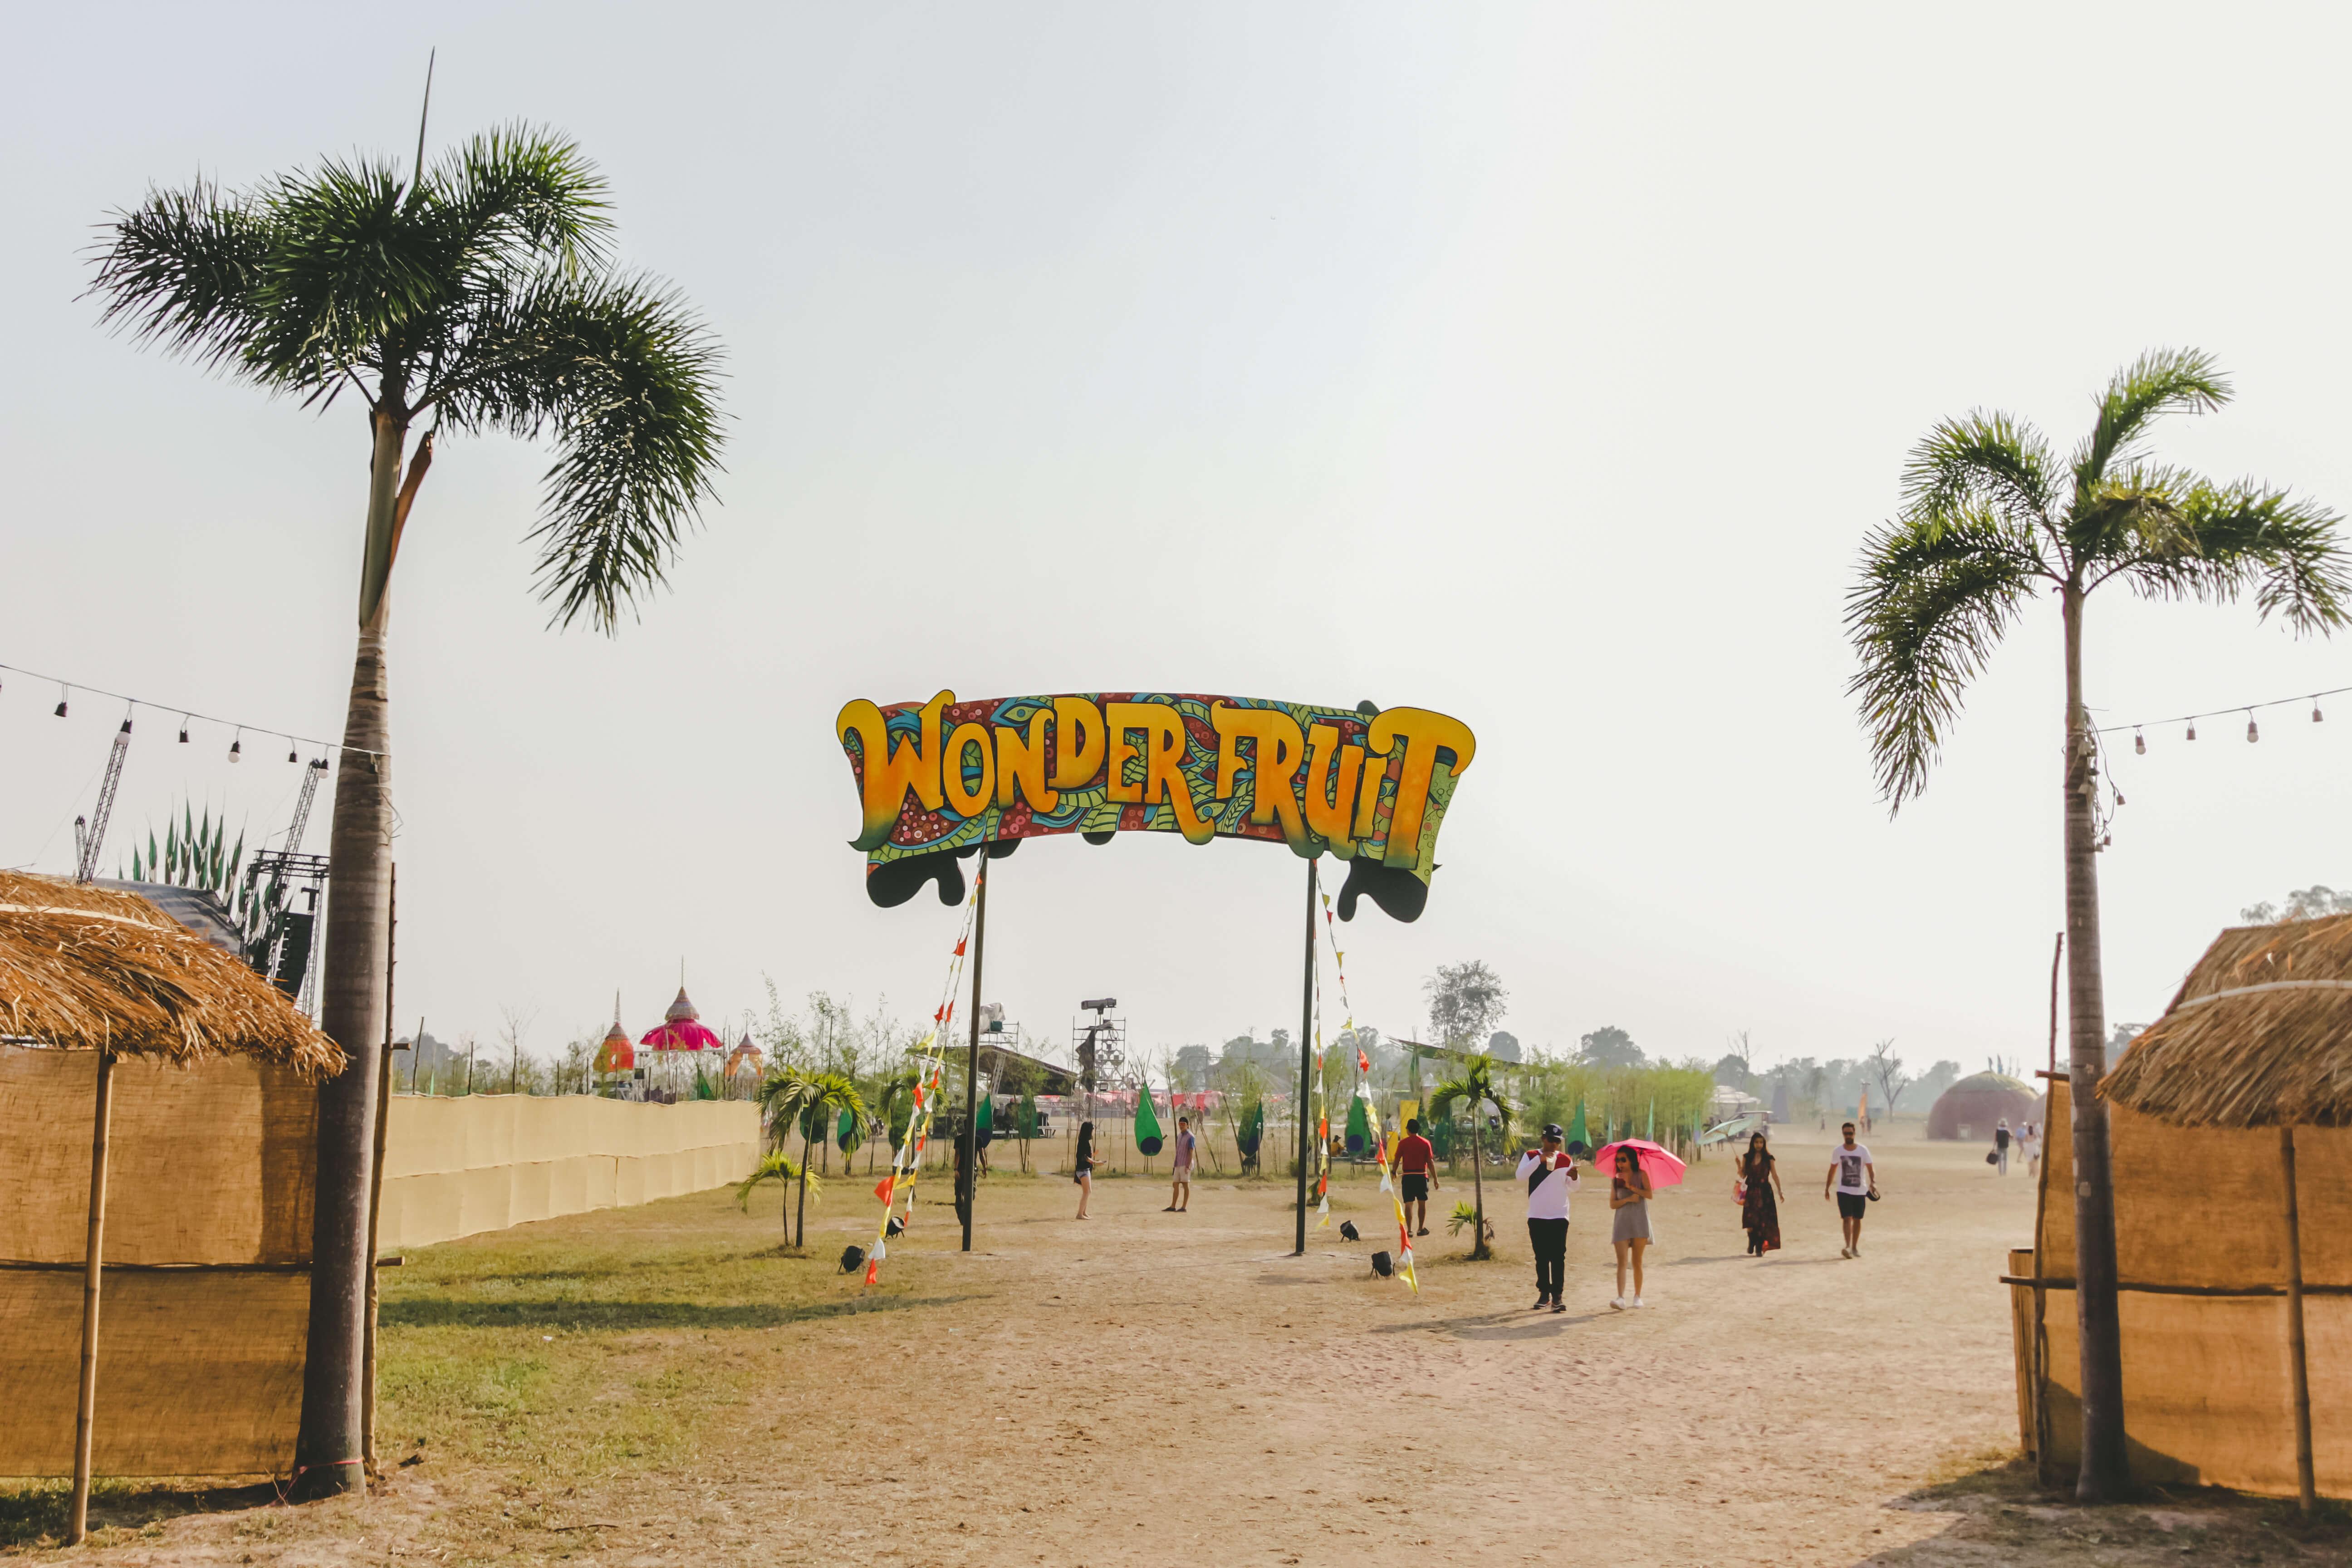 Wonderfruit Festival : ดนตรี ชีวิต ศิลปะ ความสนุกบนความยั่งยืน